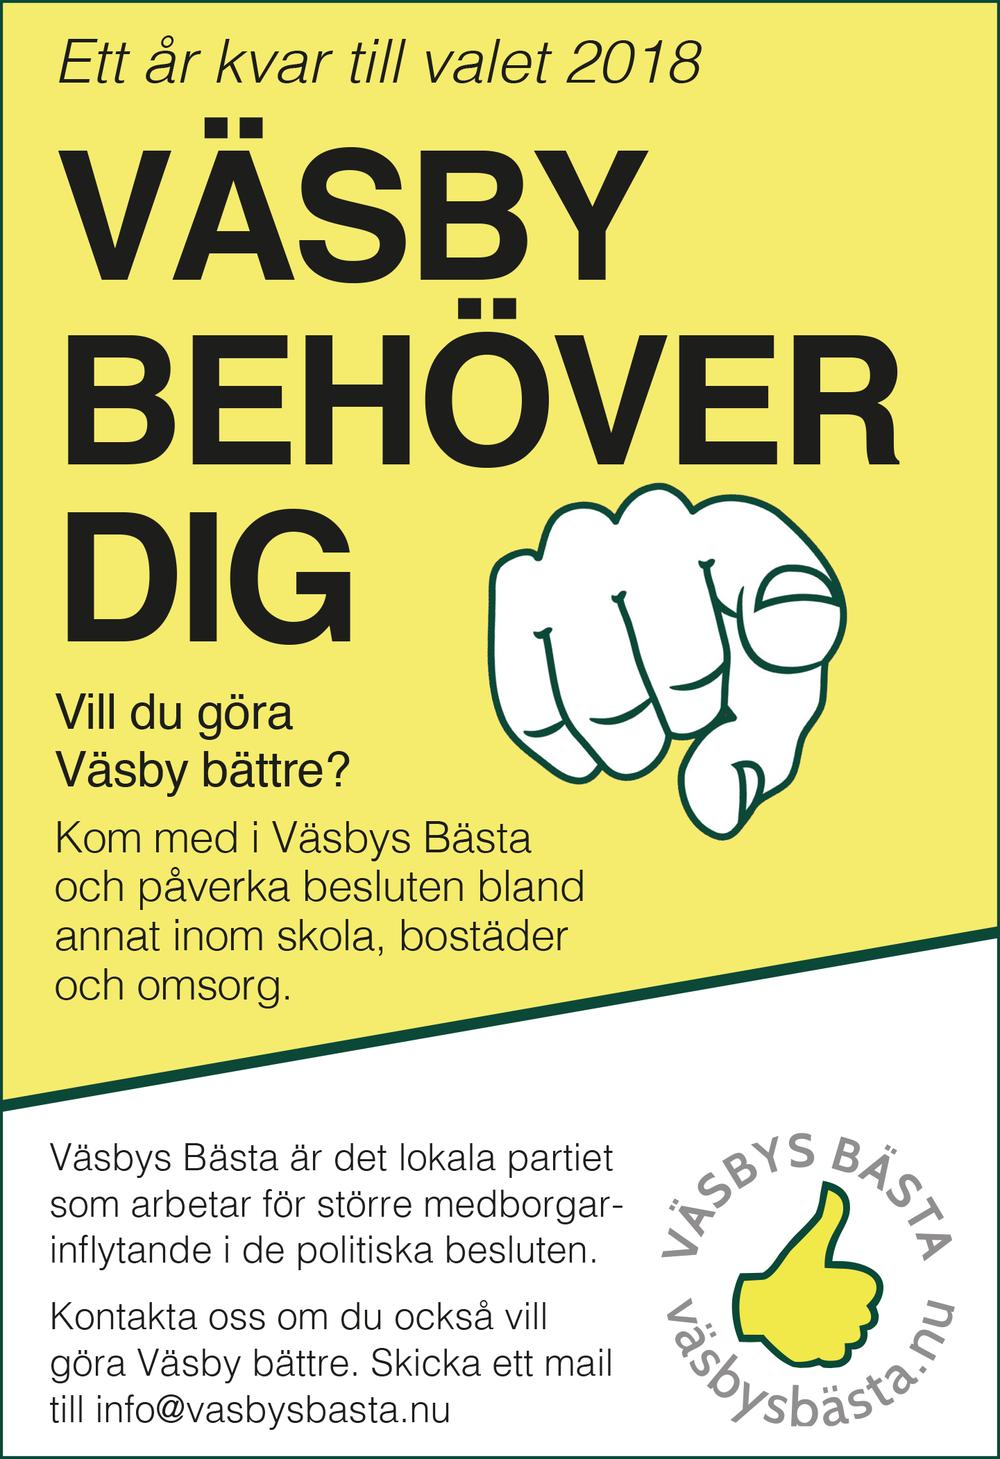 2017-09-05 Kvartssida_viivasby_vasbysbasta 2017-09-05 Väsby behover dig.png